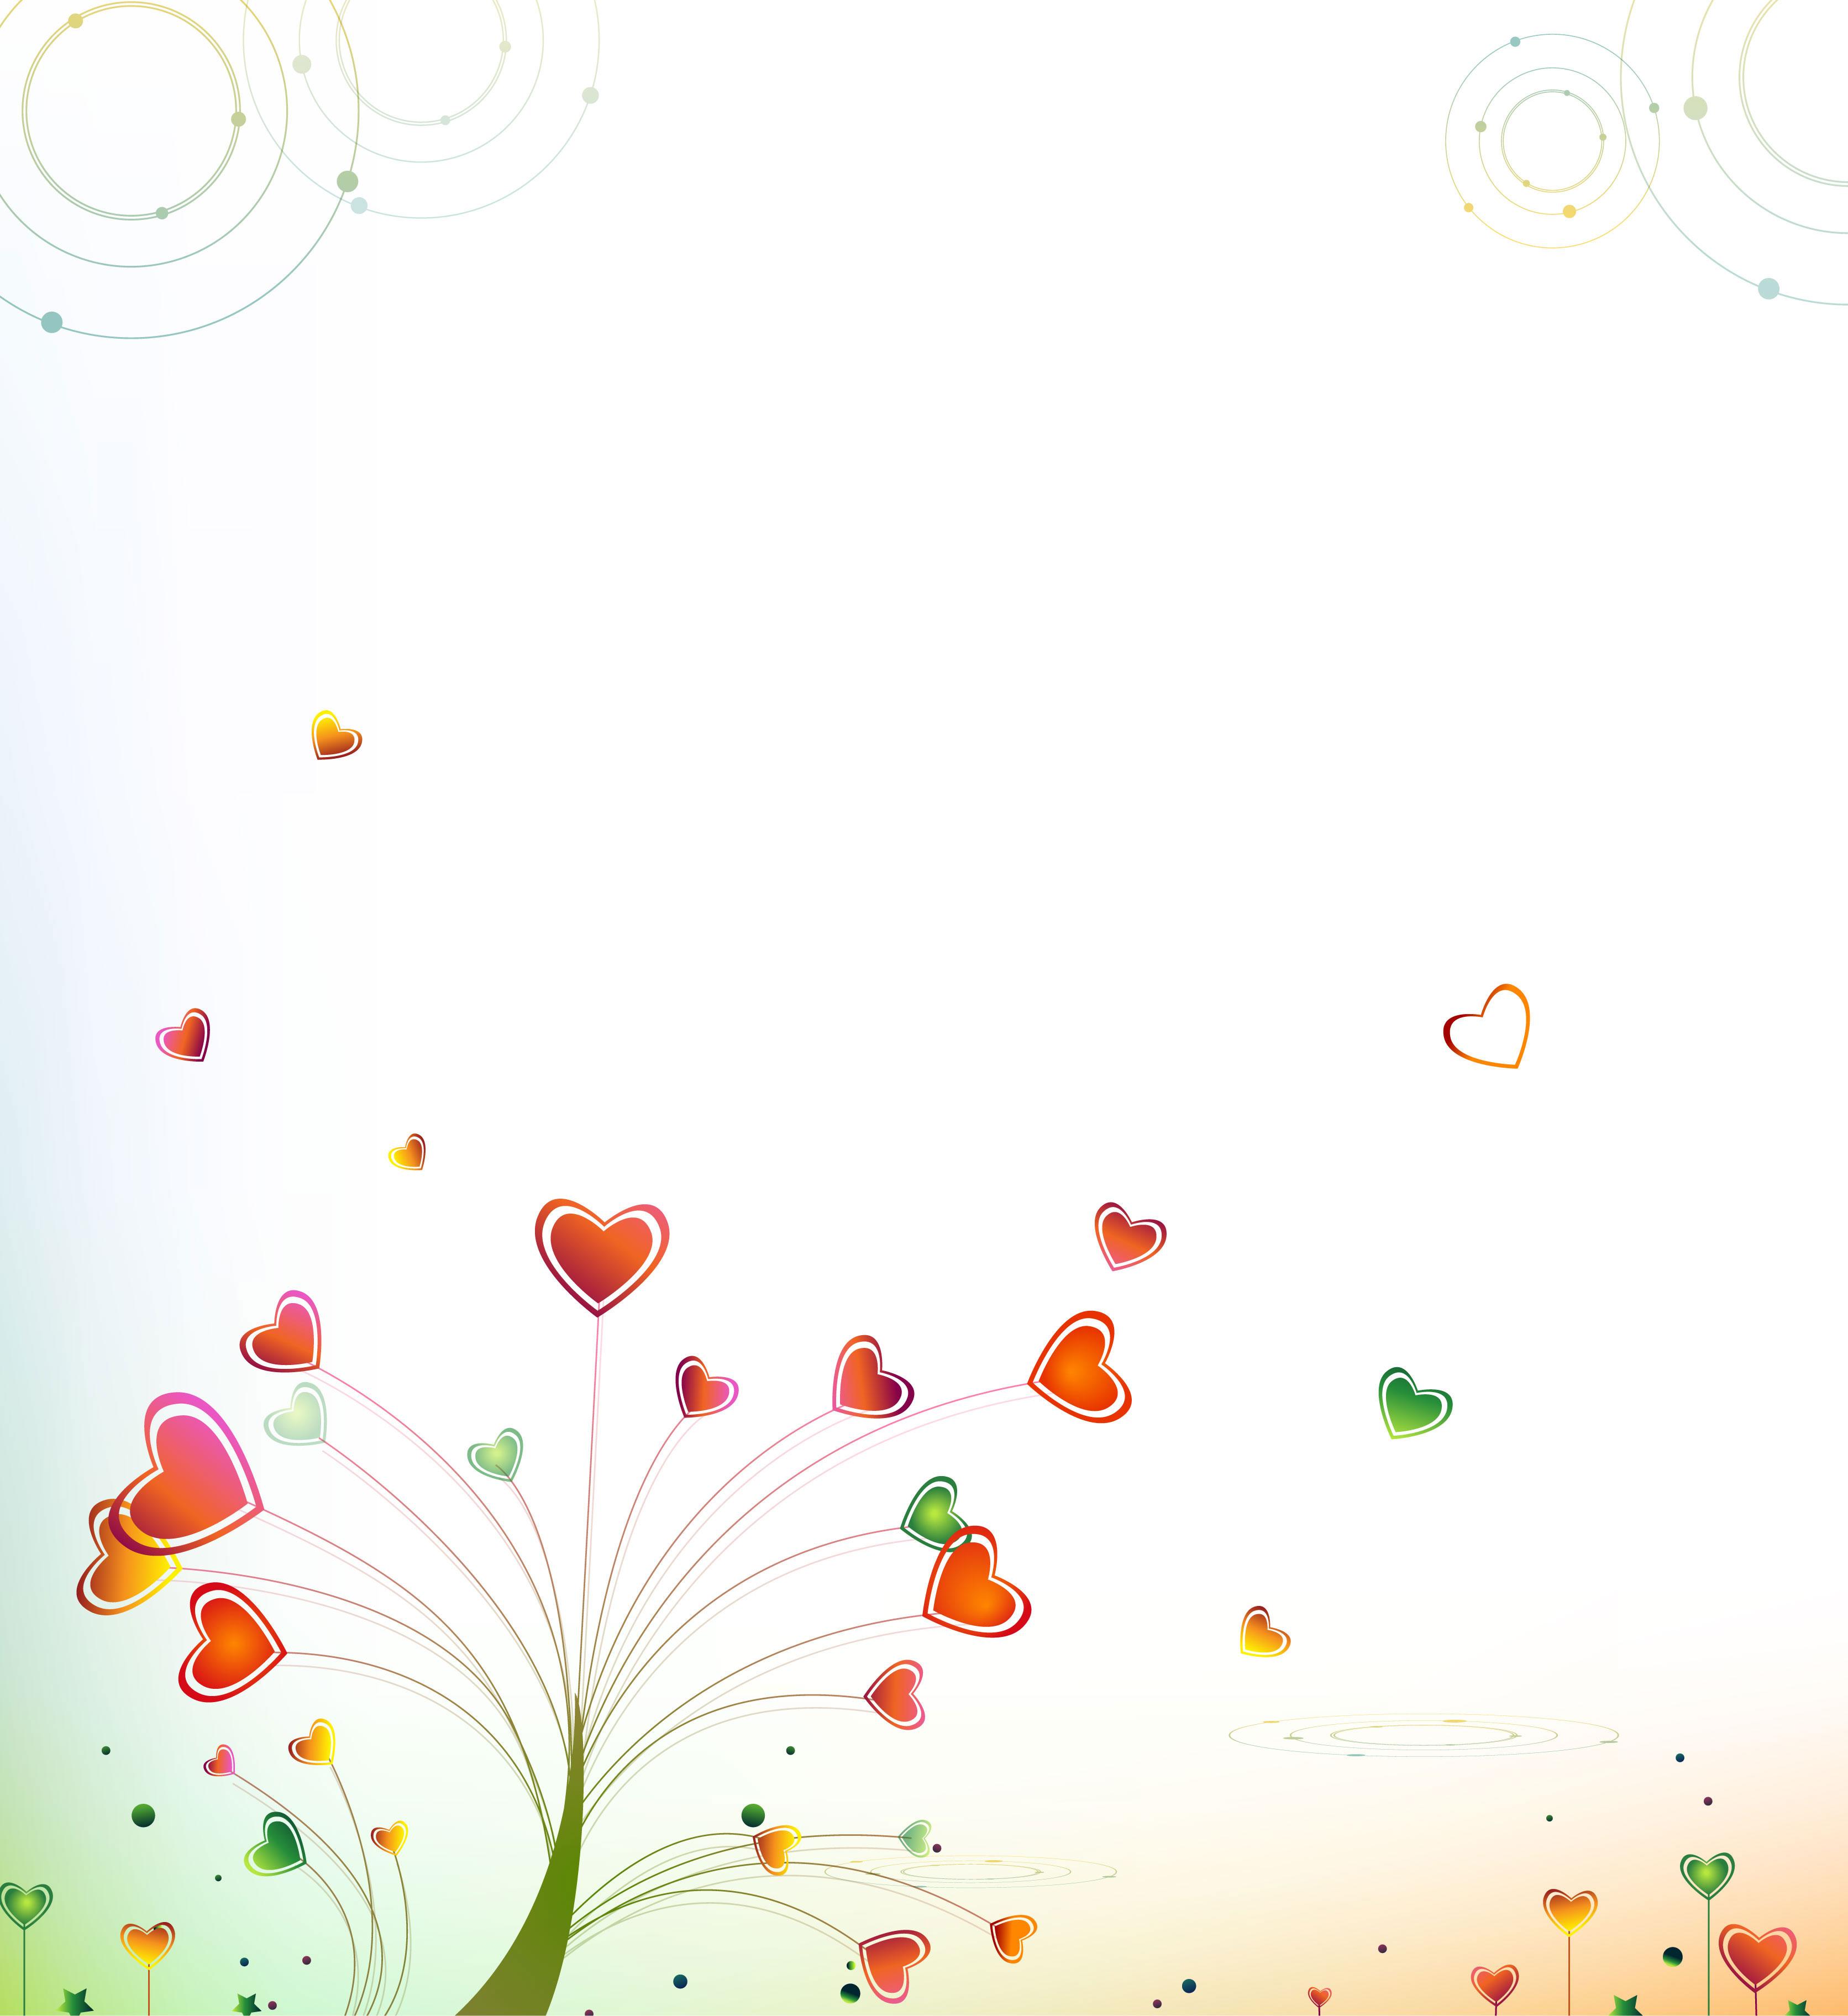 ハートデザインの壁紙 背景素材 無料画像no 010 ハートツリー